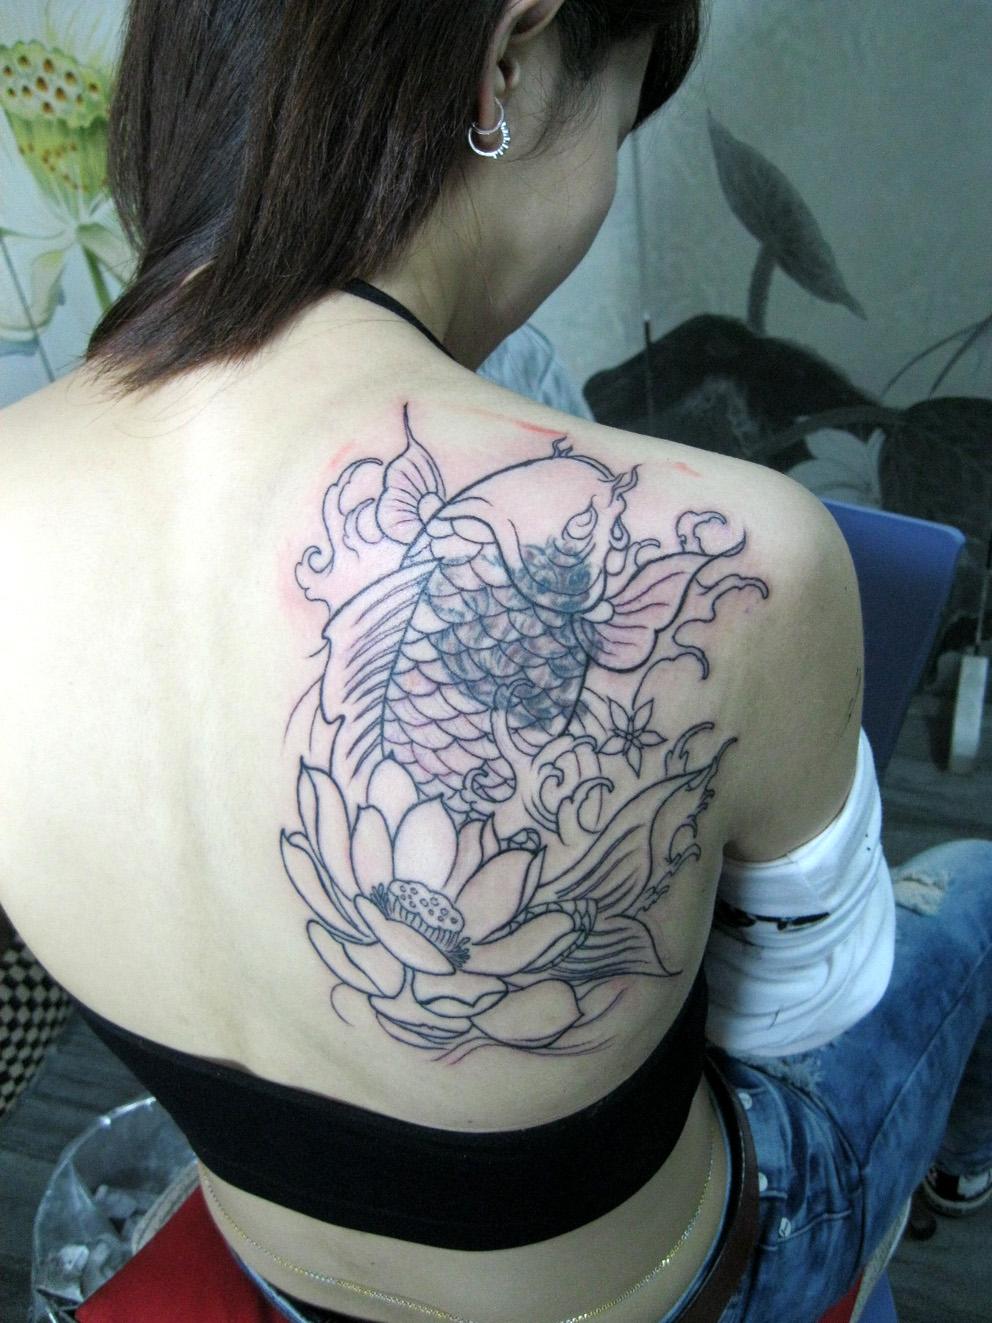 漳州翼之纹刺青---作品_漳州纹身吧_百度贴吧图片